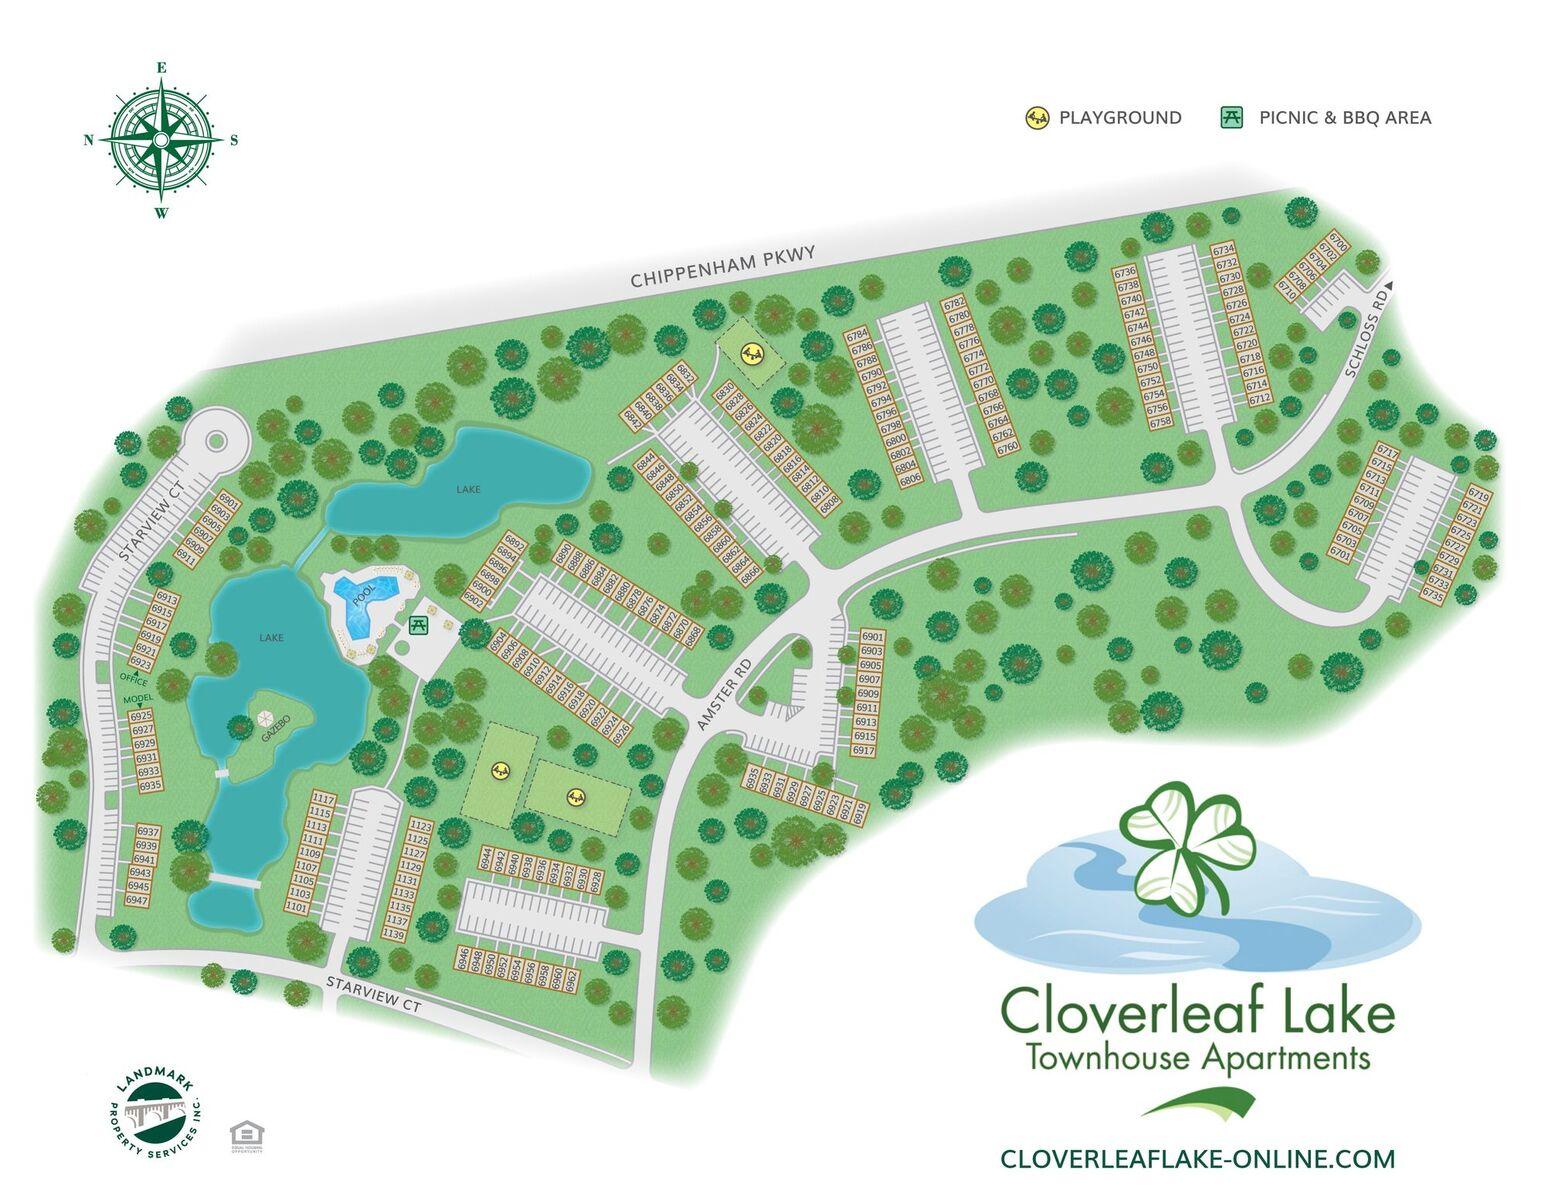 Cloverleaf Lake